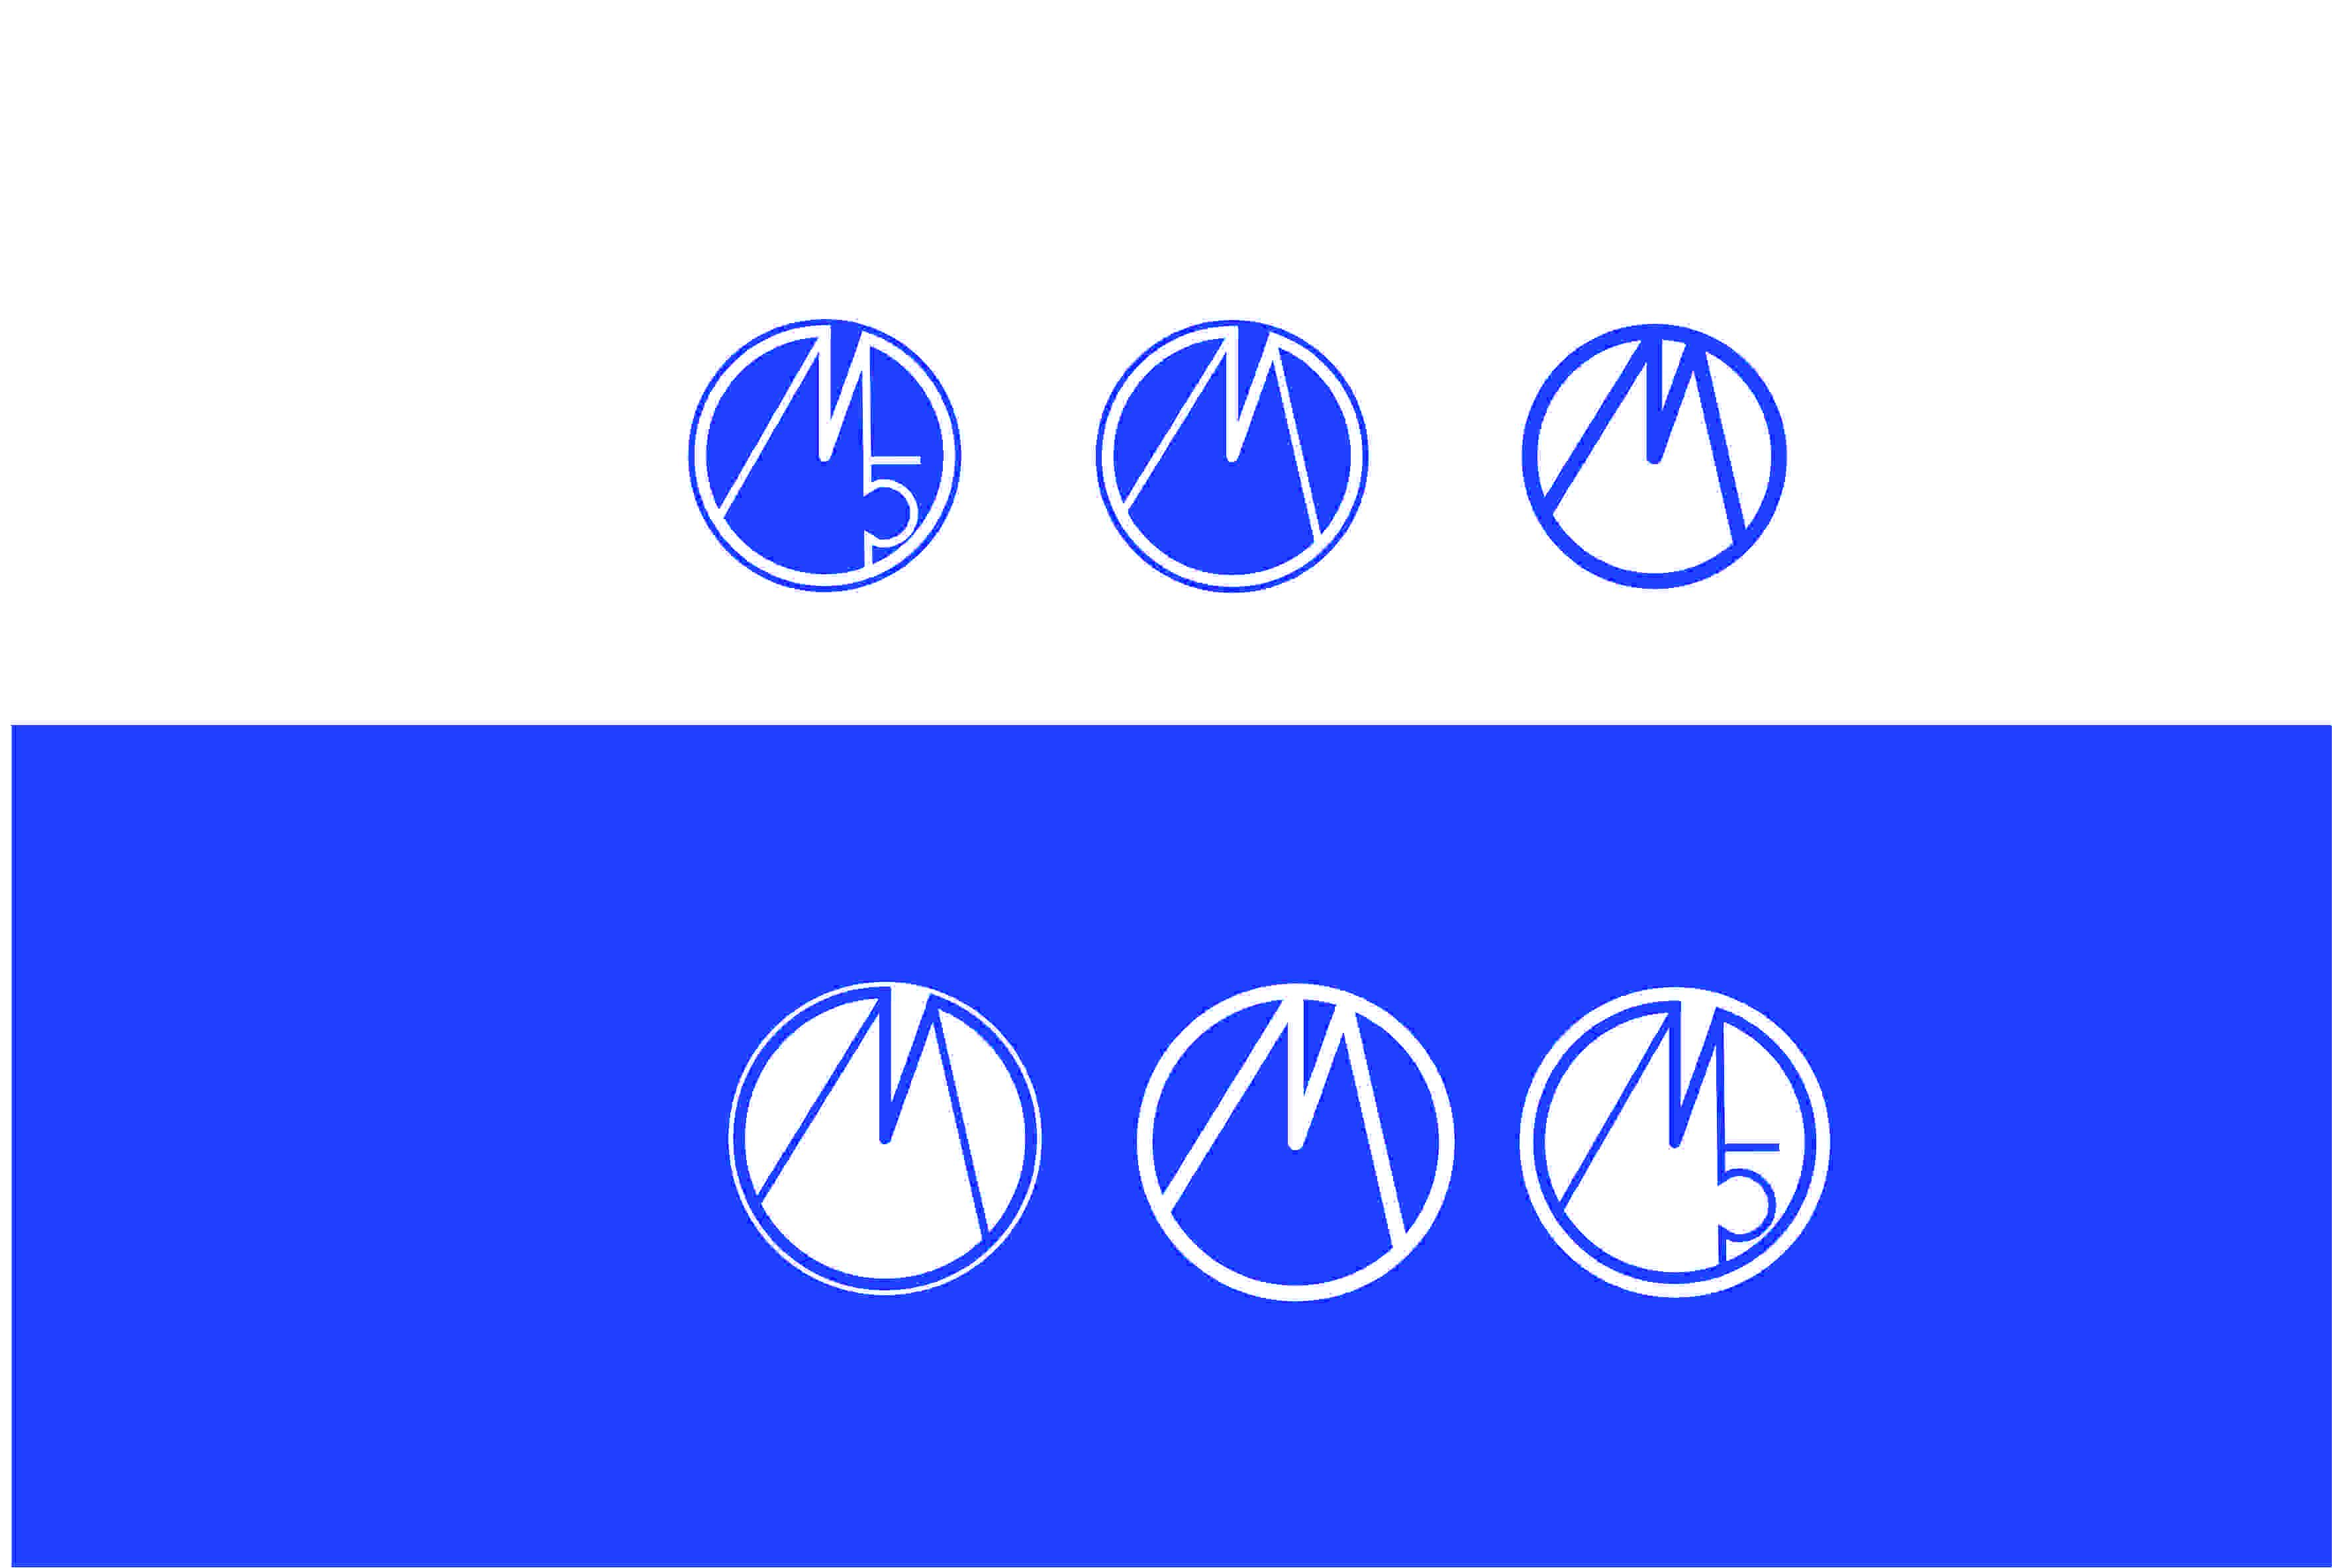 Готовый логотип или эскиз (мед. тематика) фото f_43755af5e87d07ff.jpg